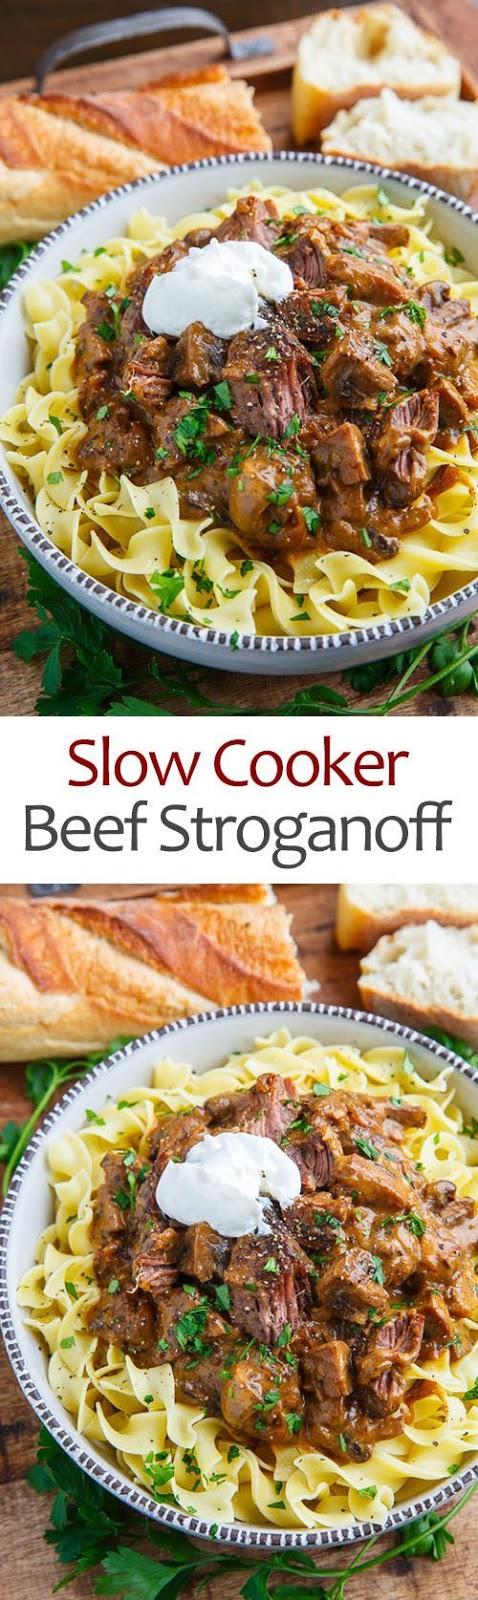 Slow Cooker Pot Roast Beef Stroganoff